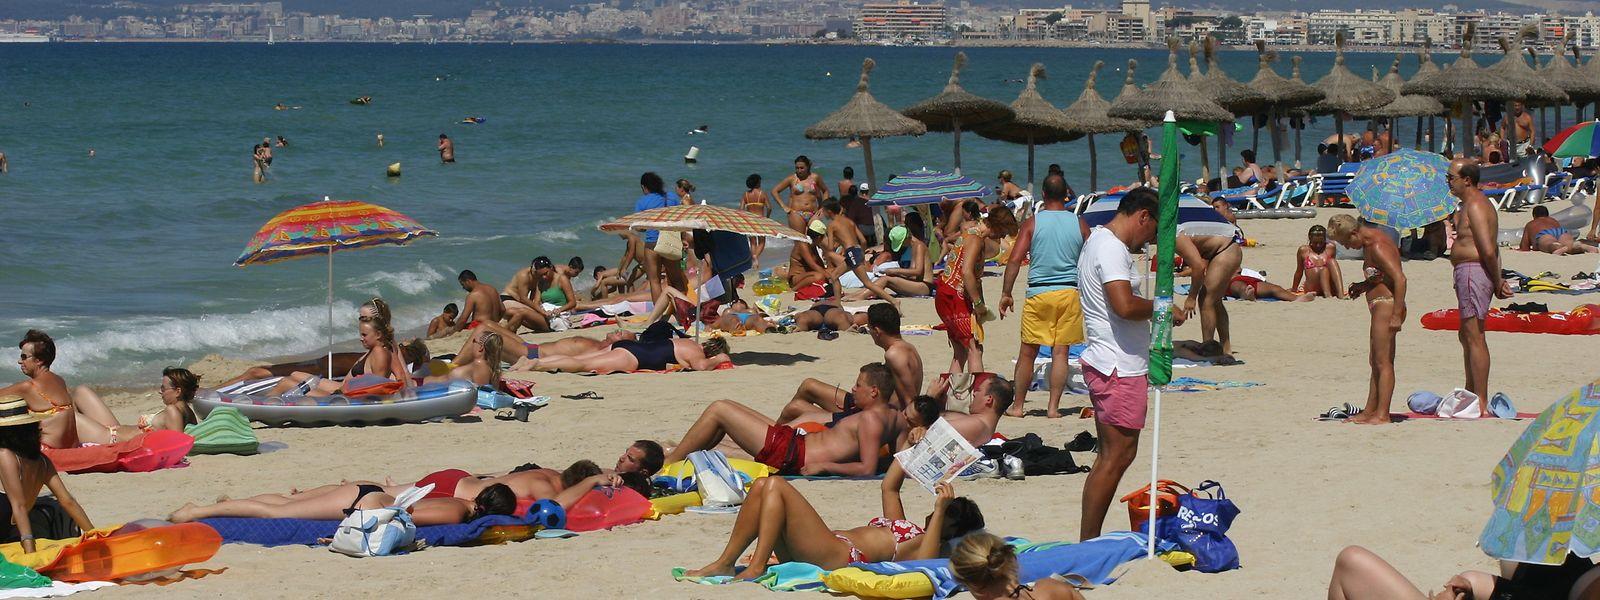 Die Playa de Palma ist ein beliebter Touristenort.